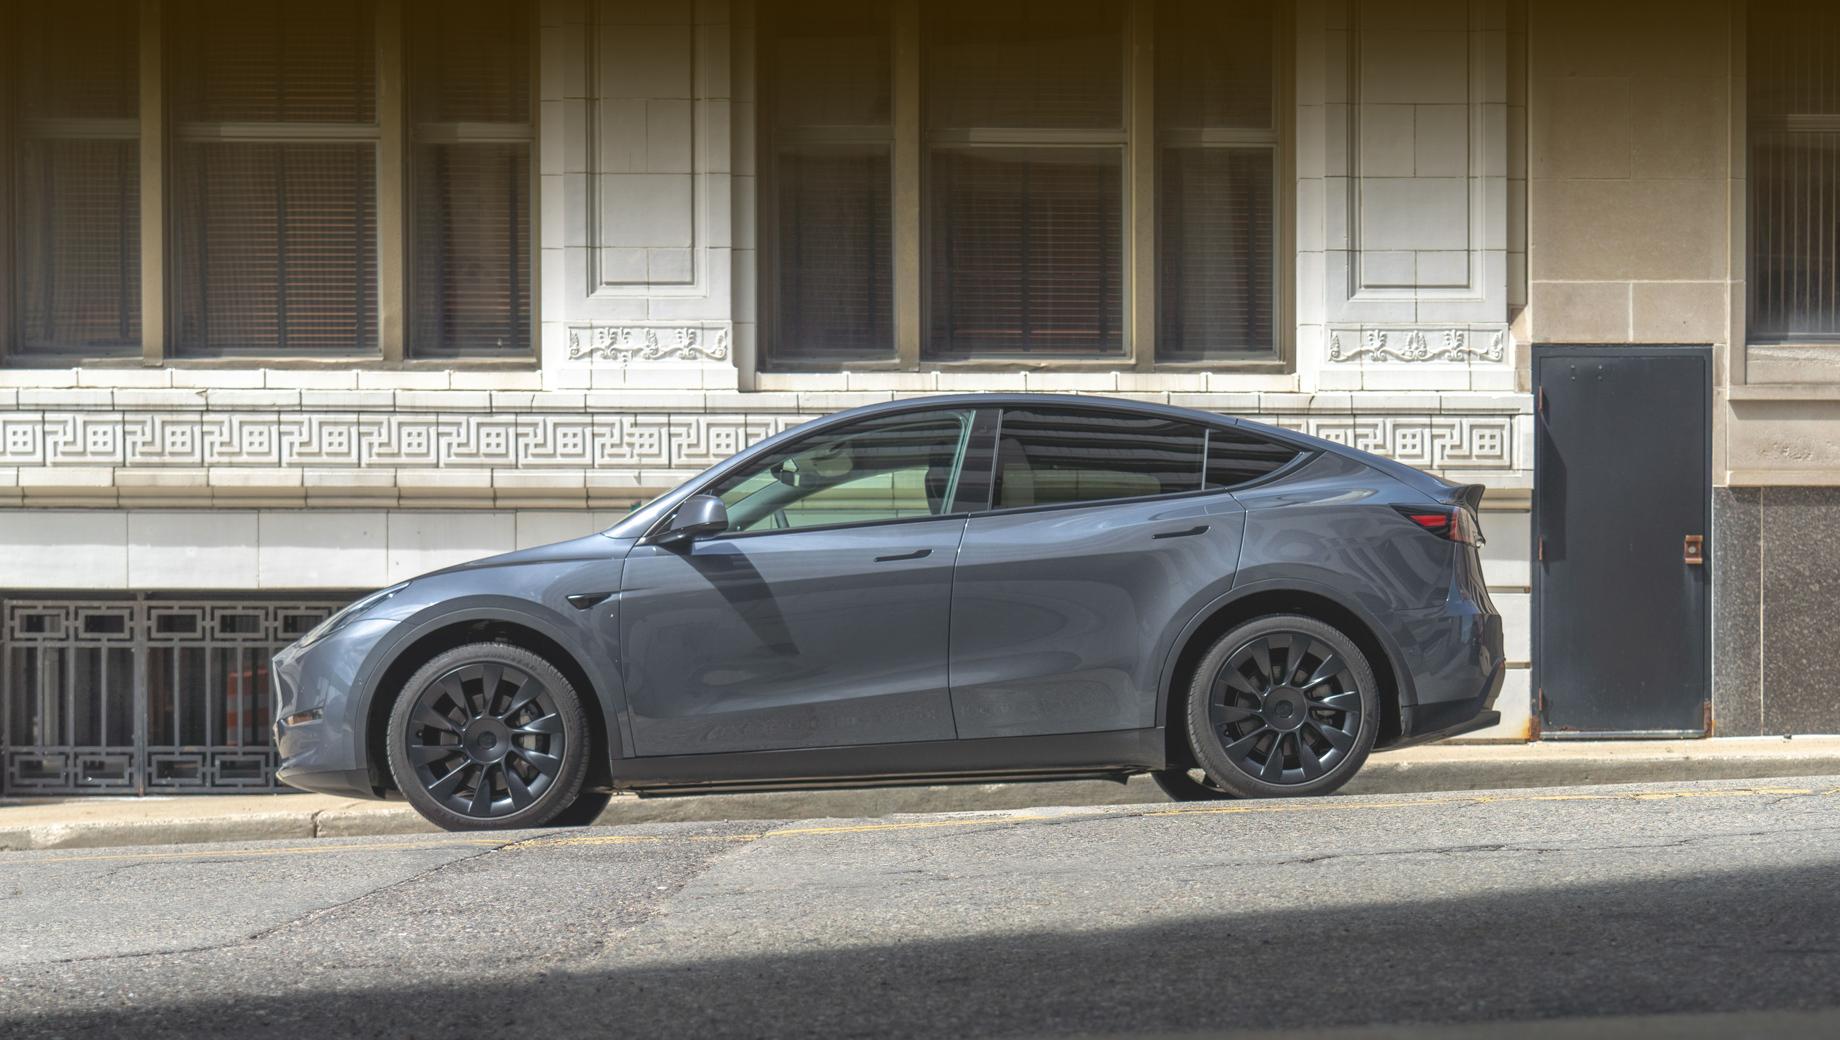 Tesla model y. По плану завод Gigafactory Berlin должен быть достроен в марте 2021-го, а в июле там начнётся выпуск кроссоверов Tesla Model Y.